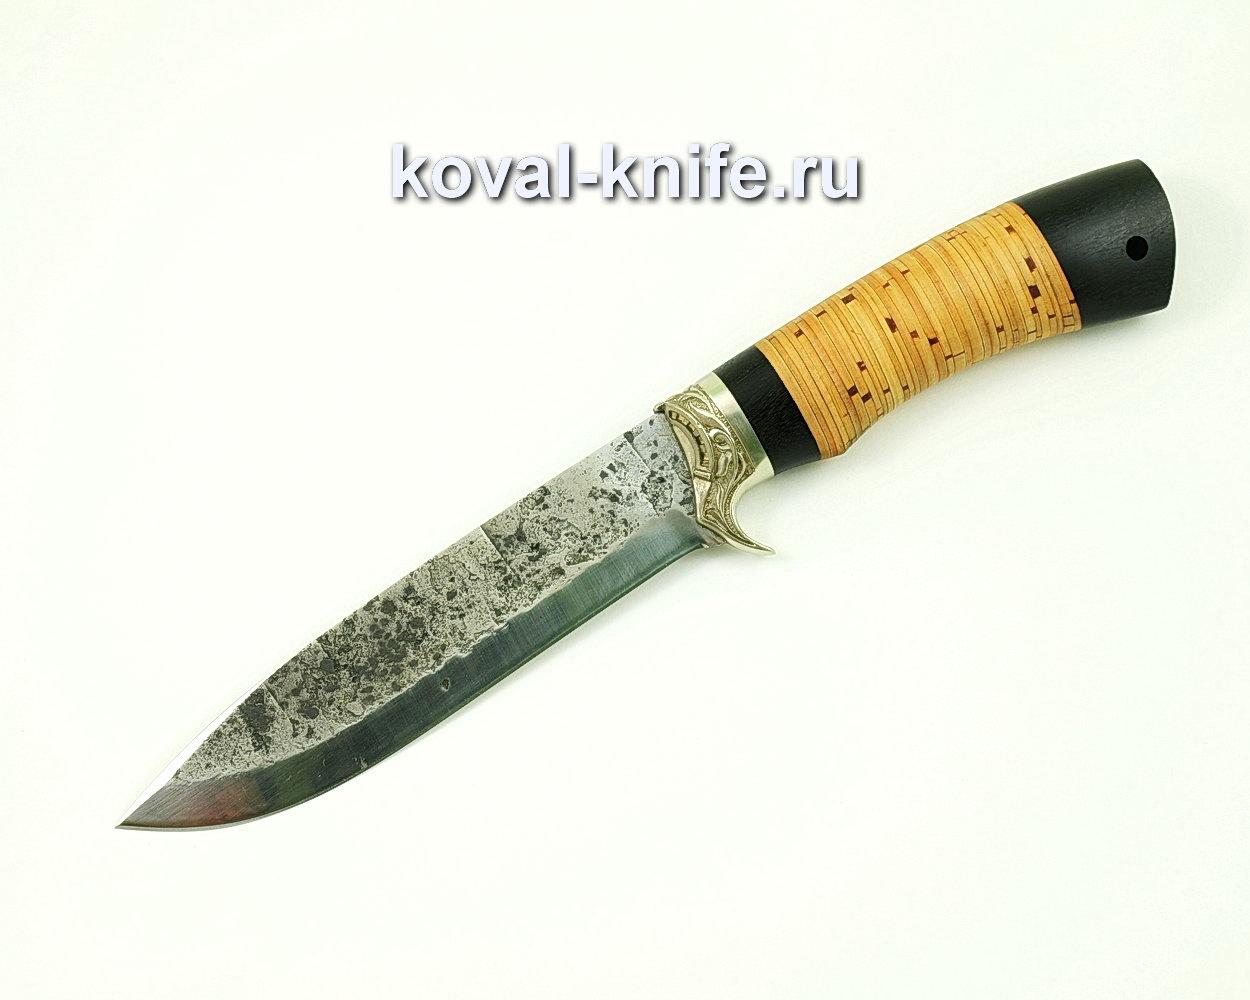 Нож Олимп из стали 9хс (рукоять береста, граб) A401